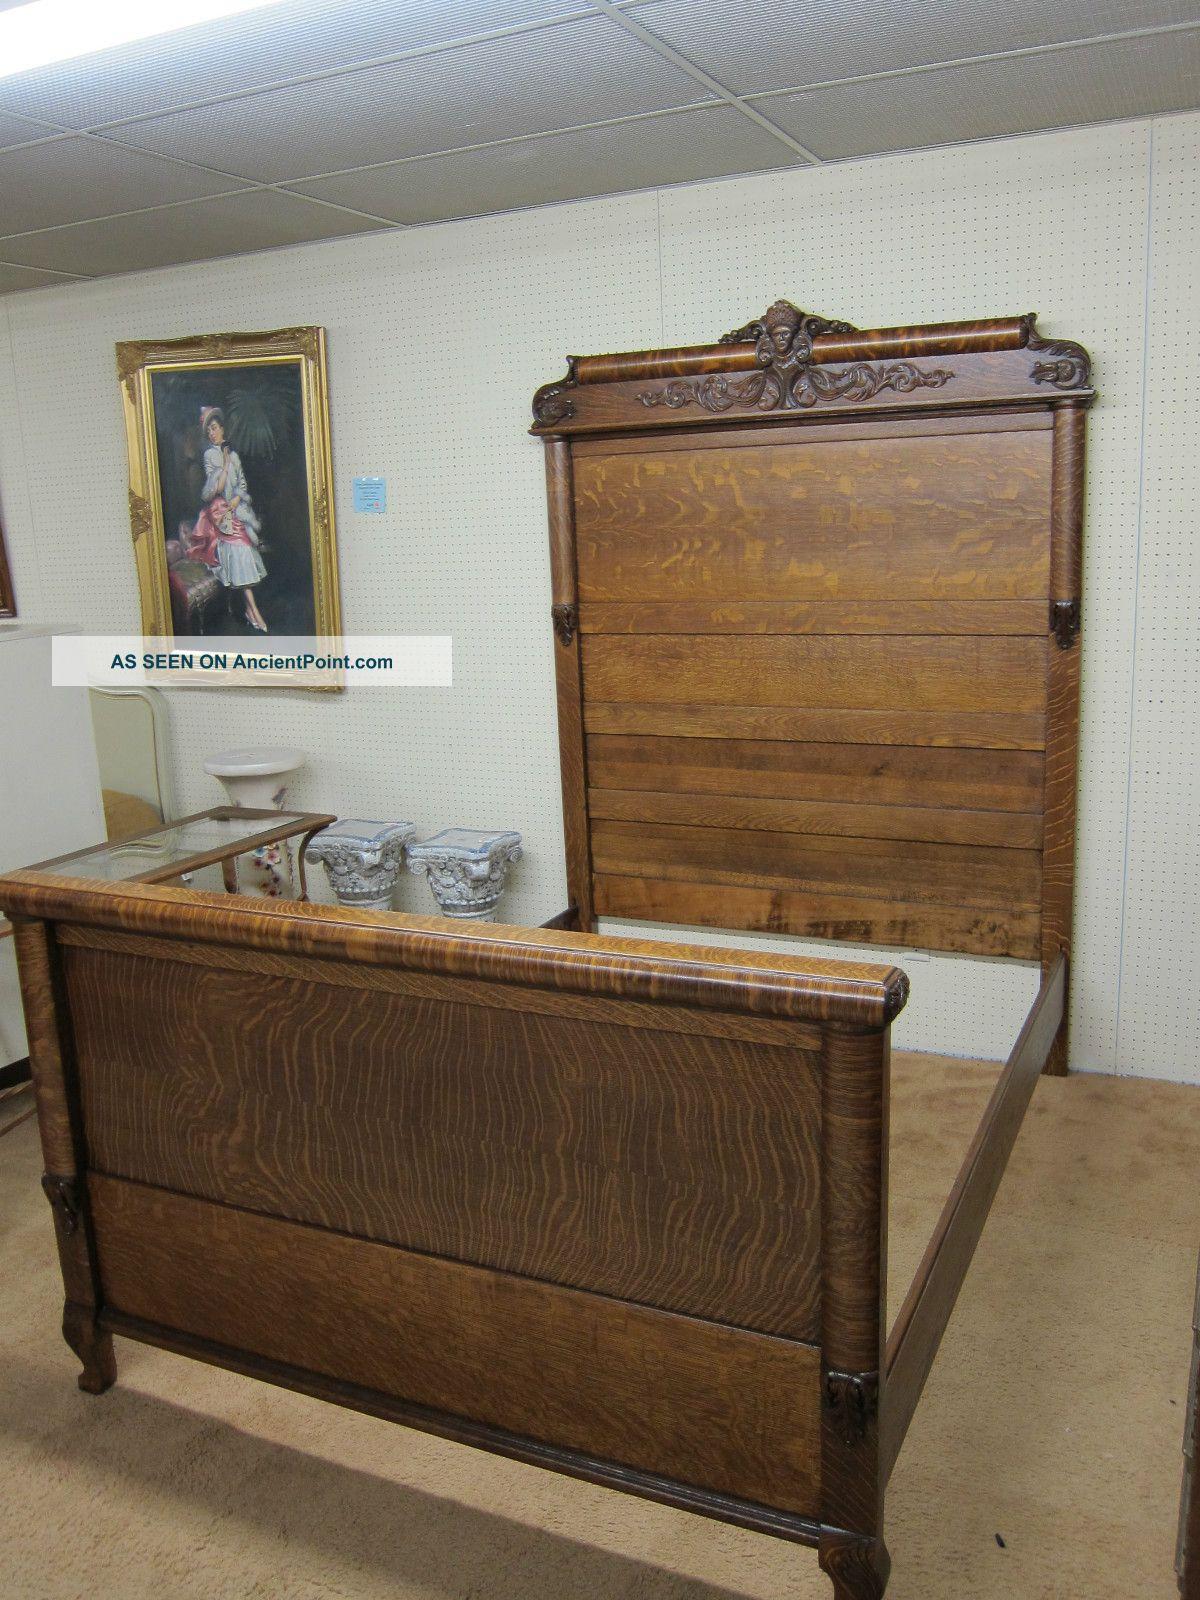 Antique Tiger Oak Full Size Bed Hand Carved Circa 1910 Refinished And  Restored - Antique Tiger Oak Full Size Bed Hand Carved Circa 1910 Refinished